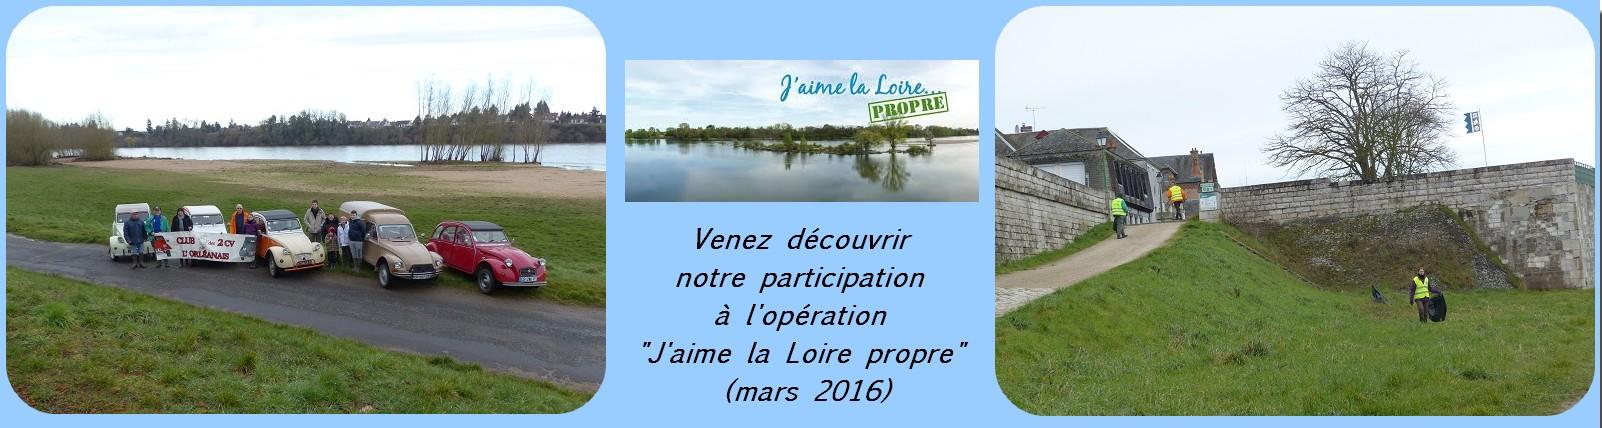 Loire propre